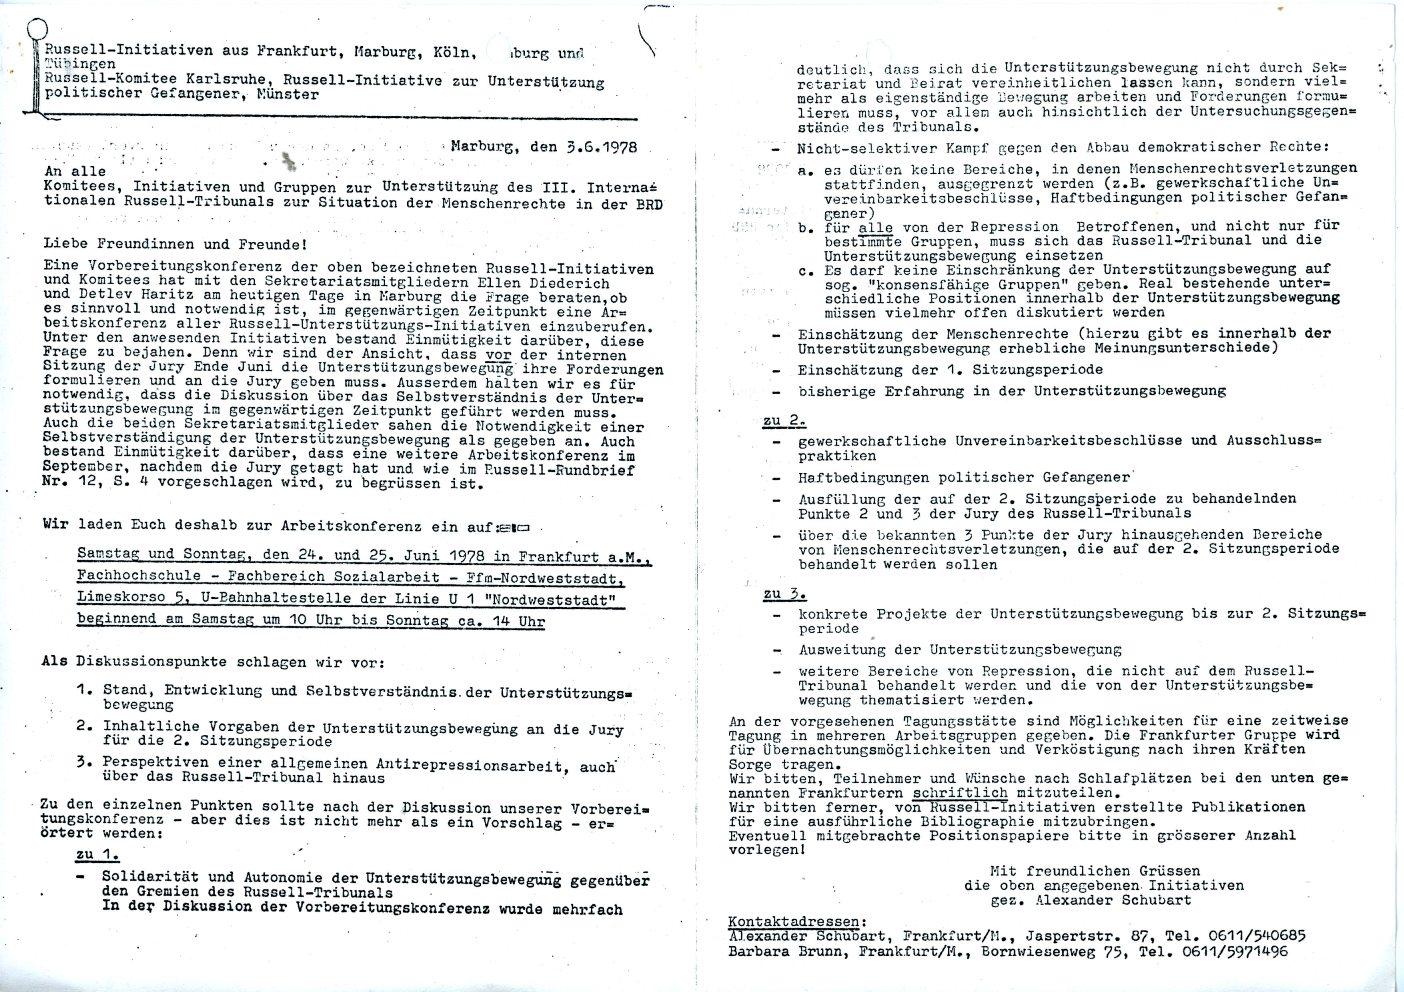 Russell-Tribunal_Schreiben_mehrerer_Inis_19780306_01